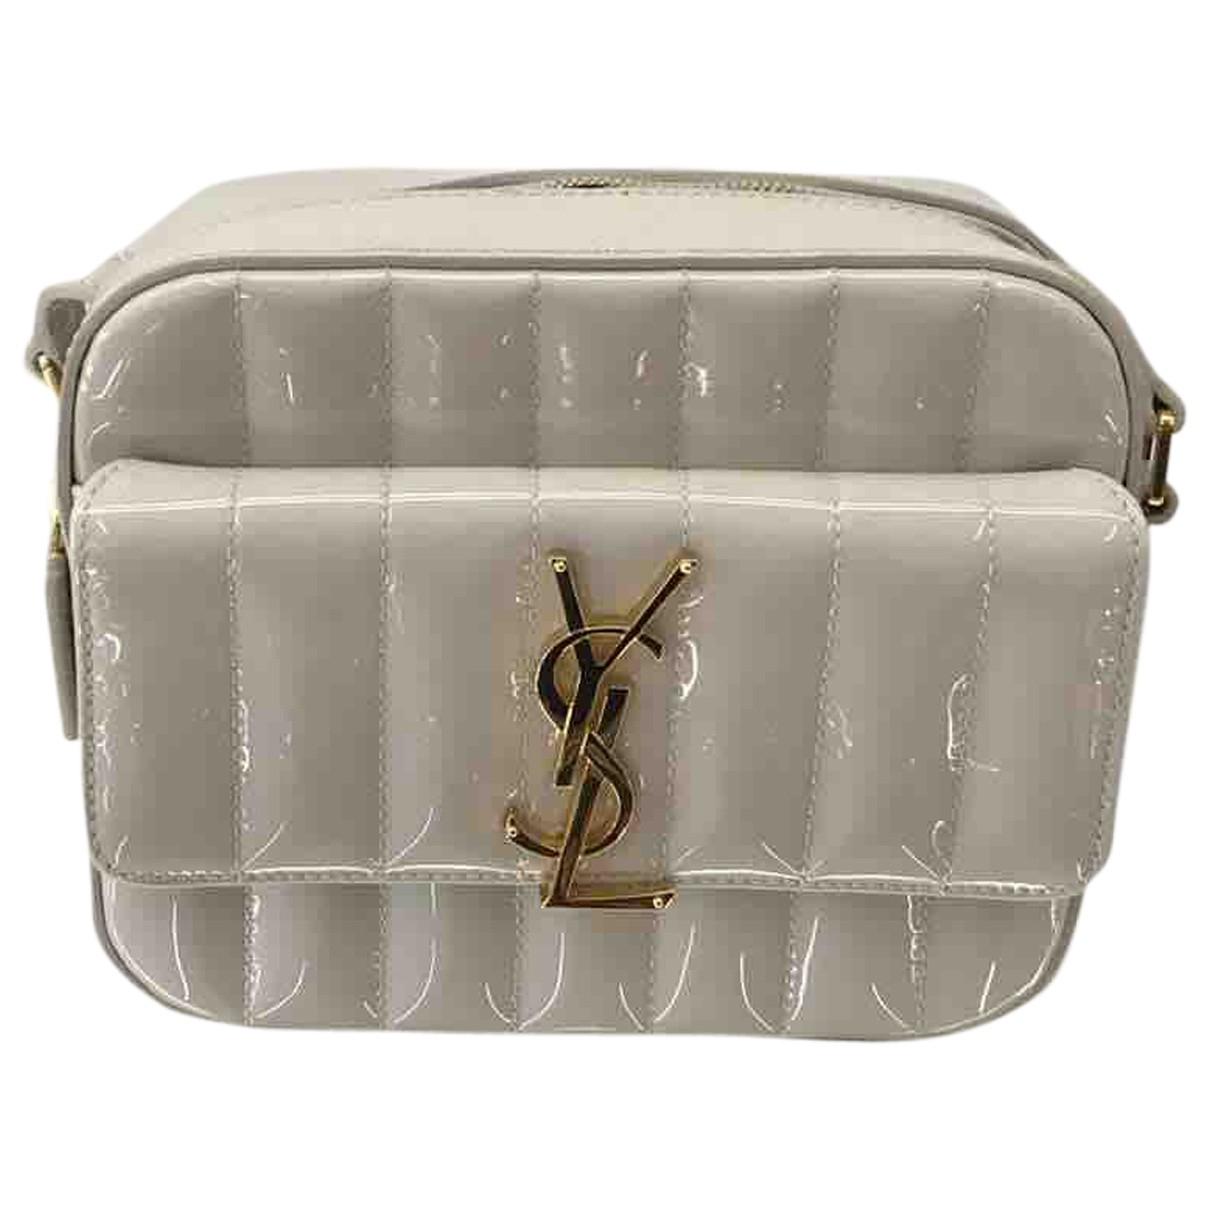 Yves Saint Laurent - Pochette   pour femme en cuir verni - blanc